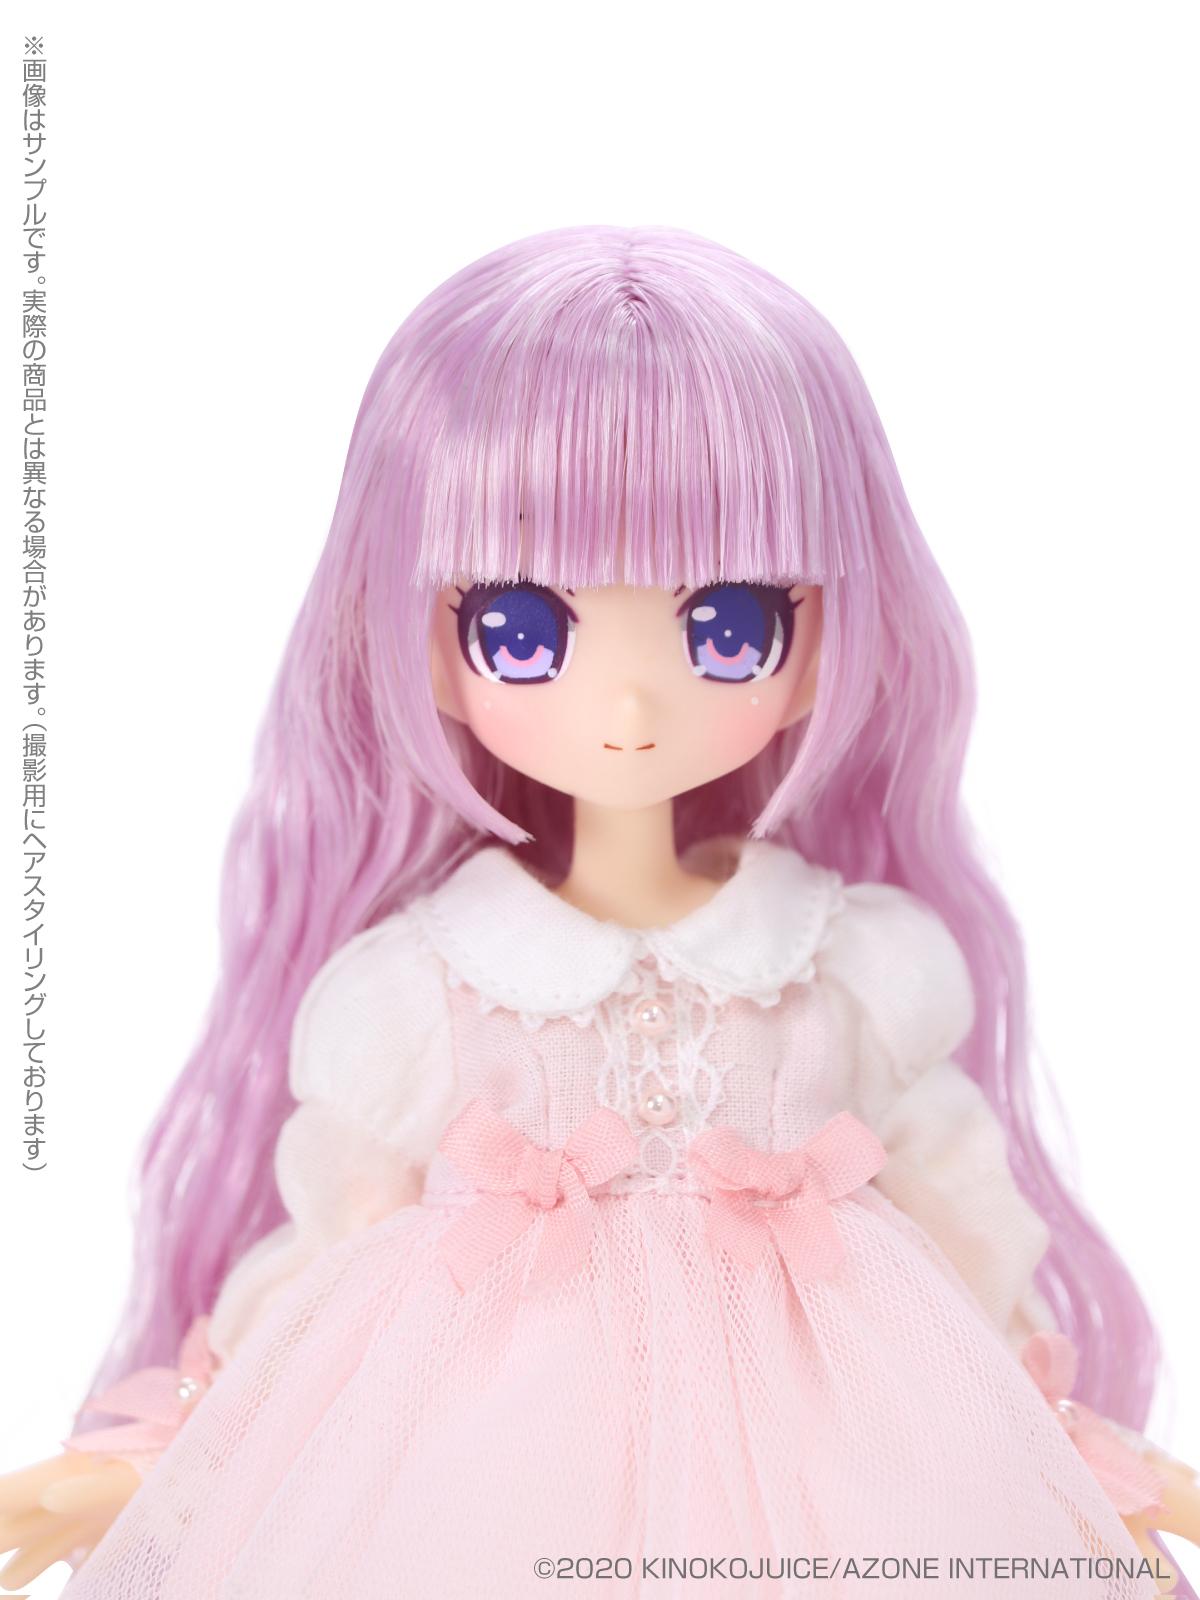 キノコジュース×Lil'Fairy『Twinkle☆Candy Girls/エルノ』1/12 完成品ドール-001